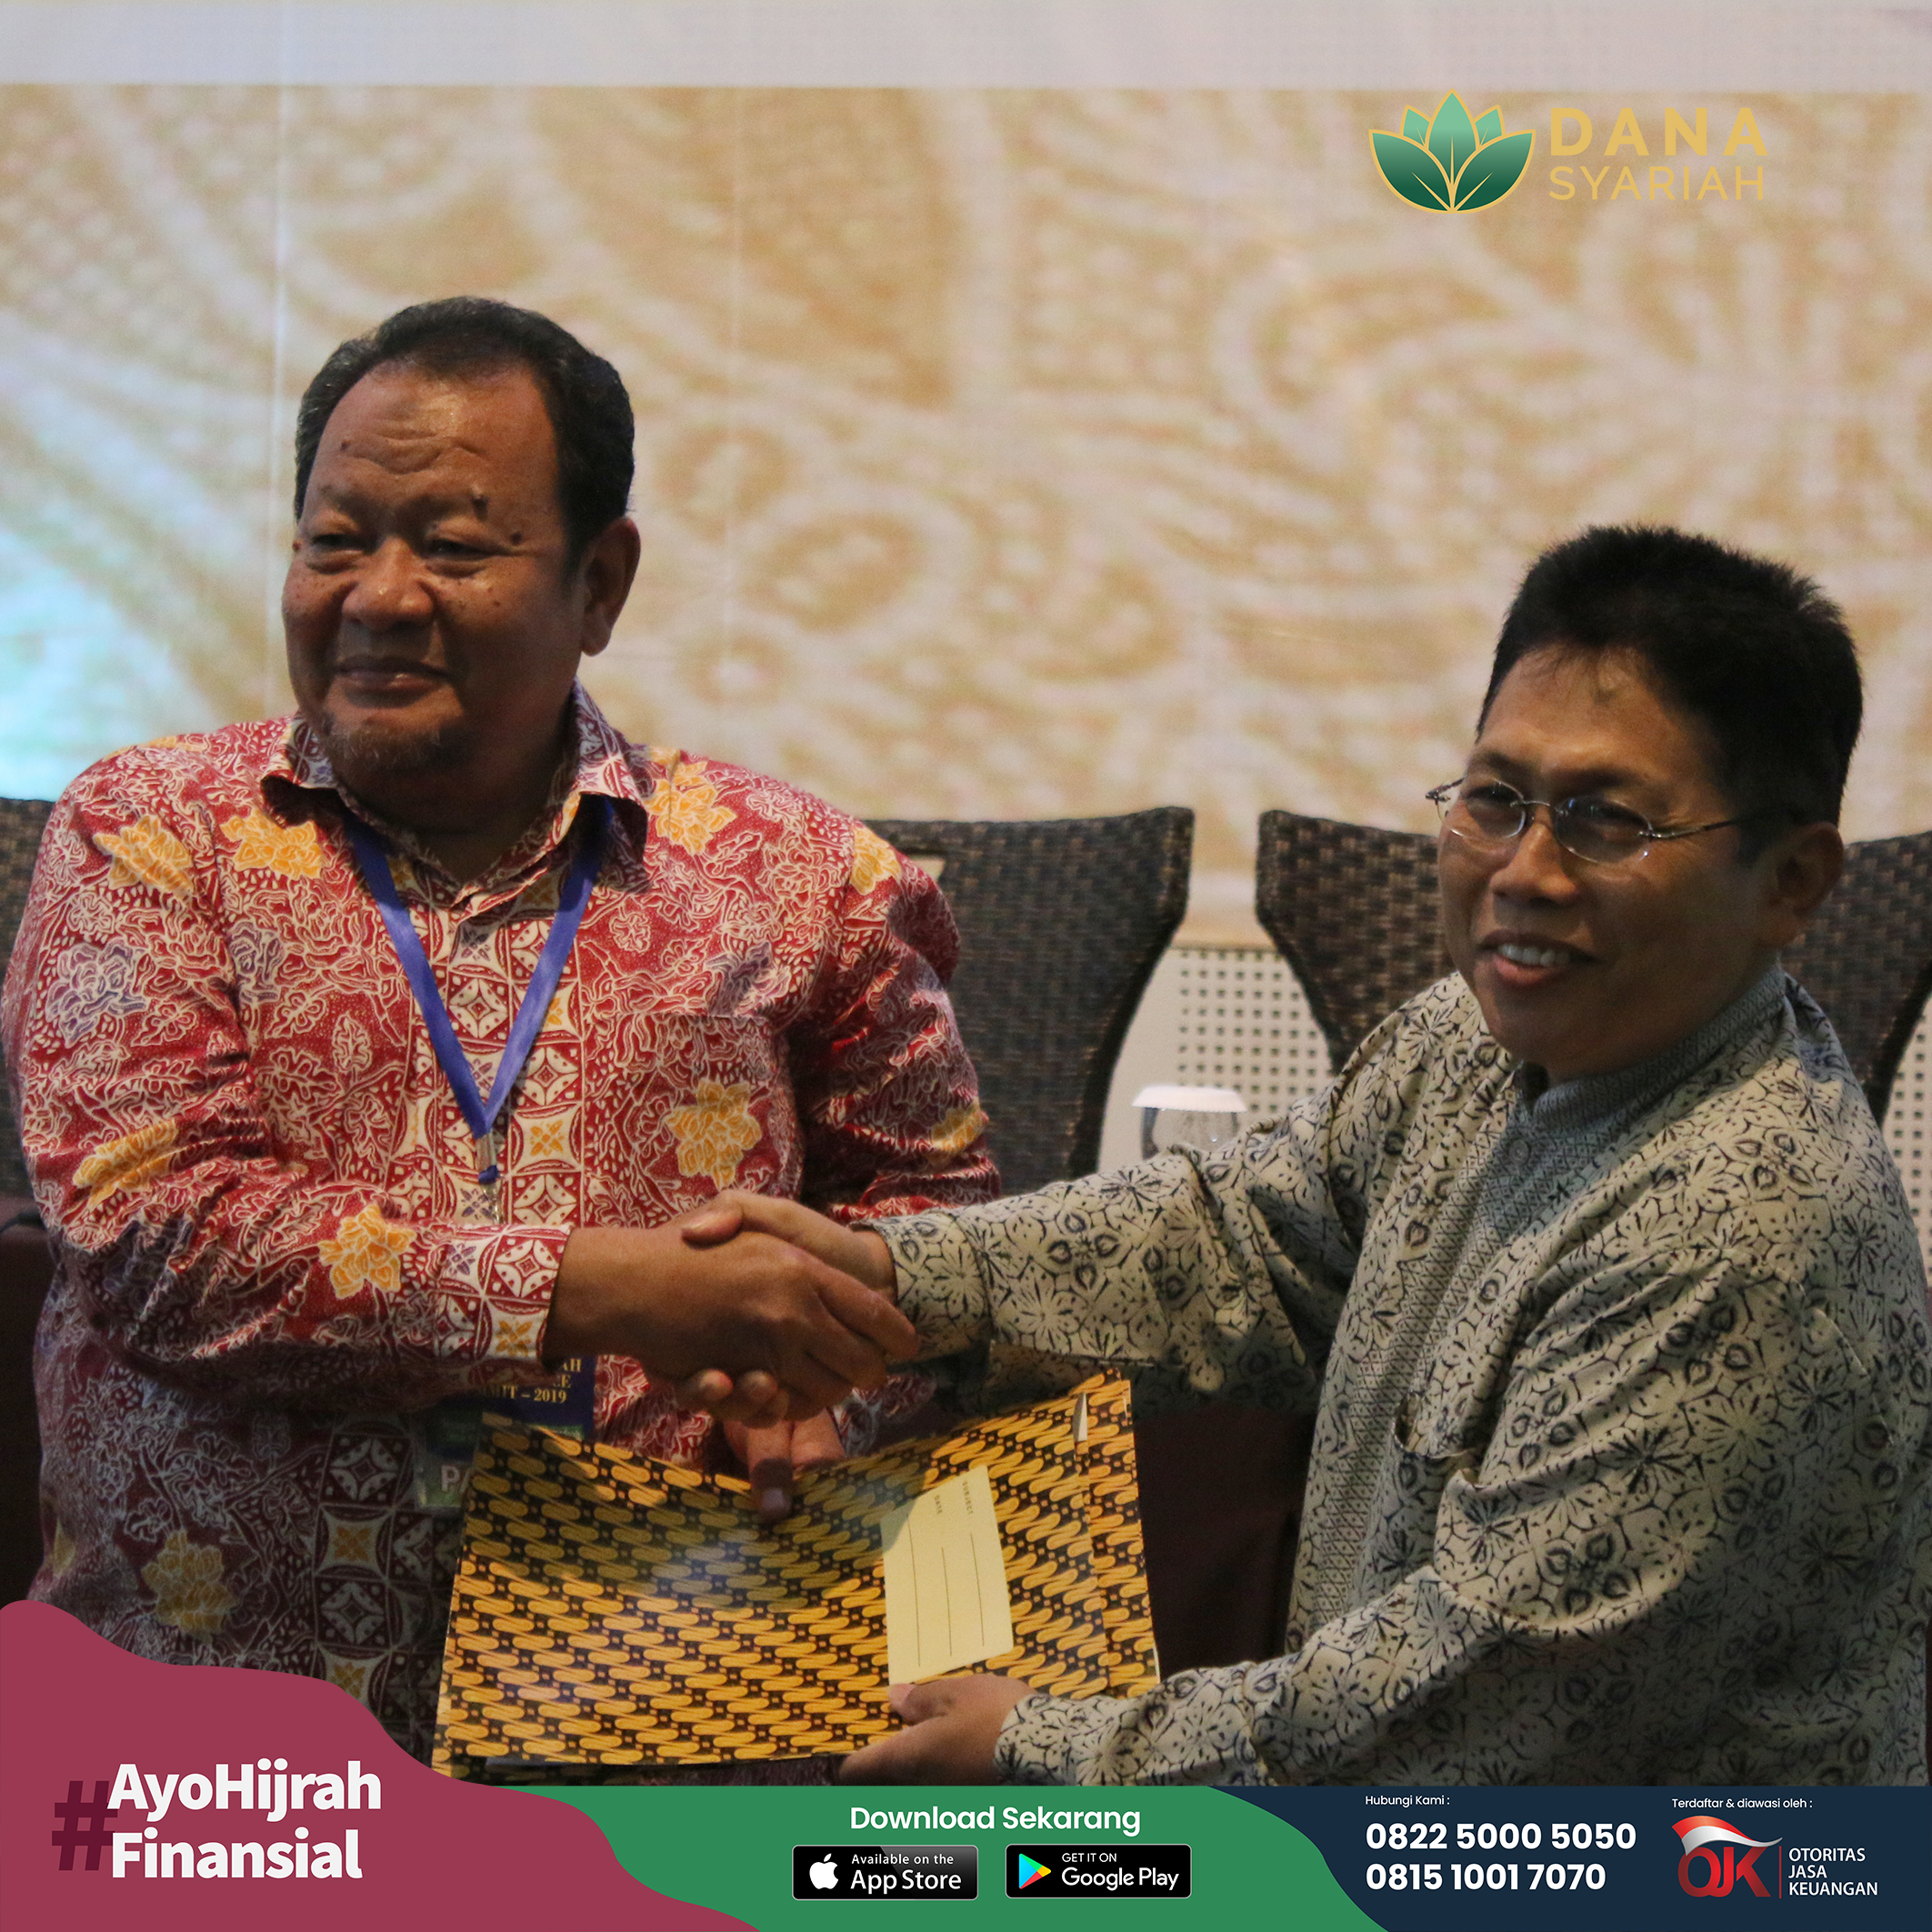 Dana Syariah Pekalongan Menjadi Tuan Rumah Perhelatan Muhammadiyah Microfinance Summit 2019